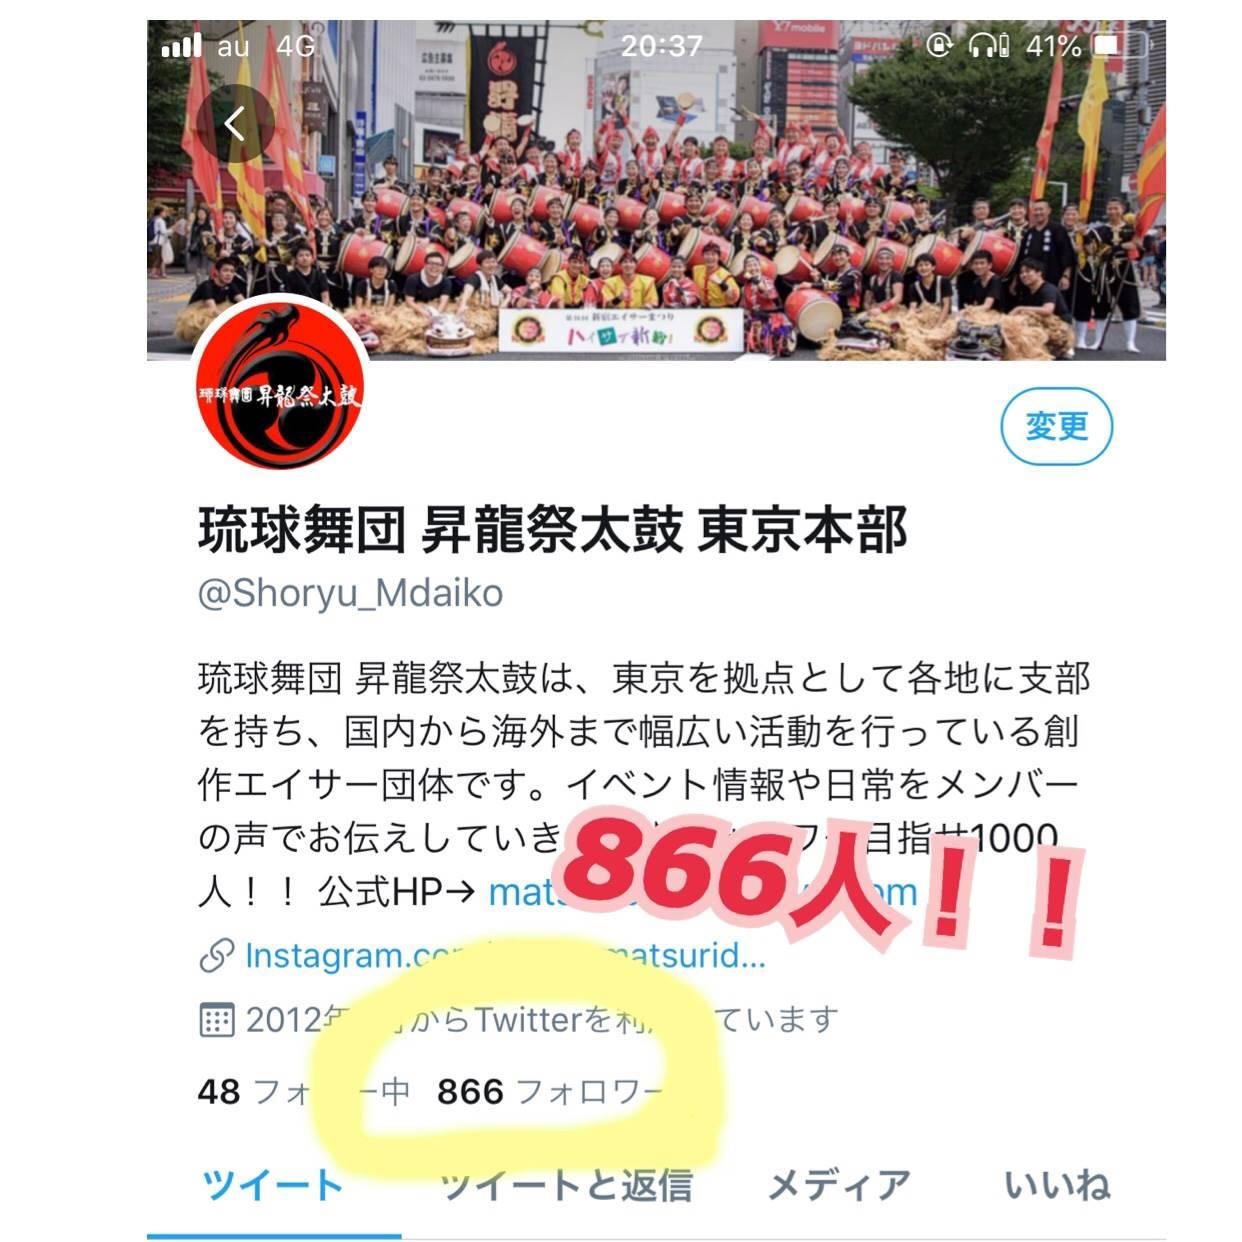 866人!